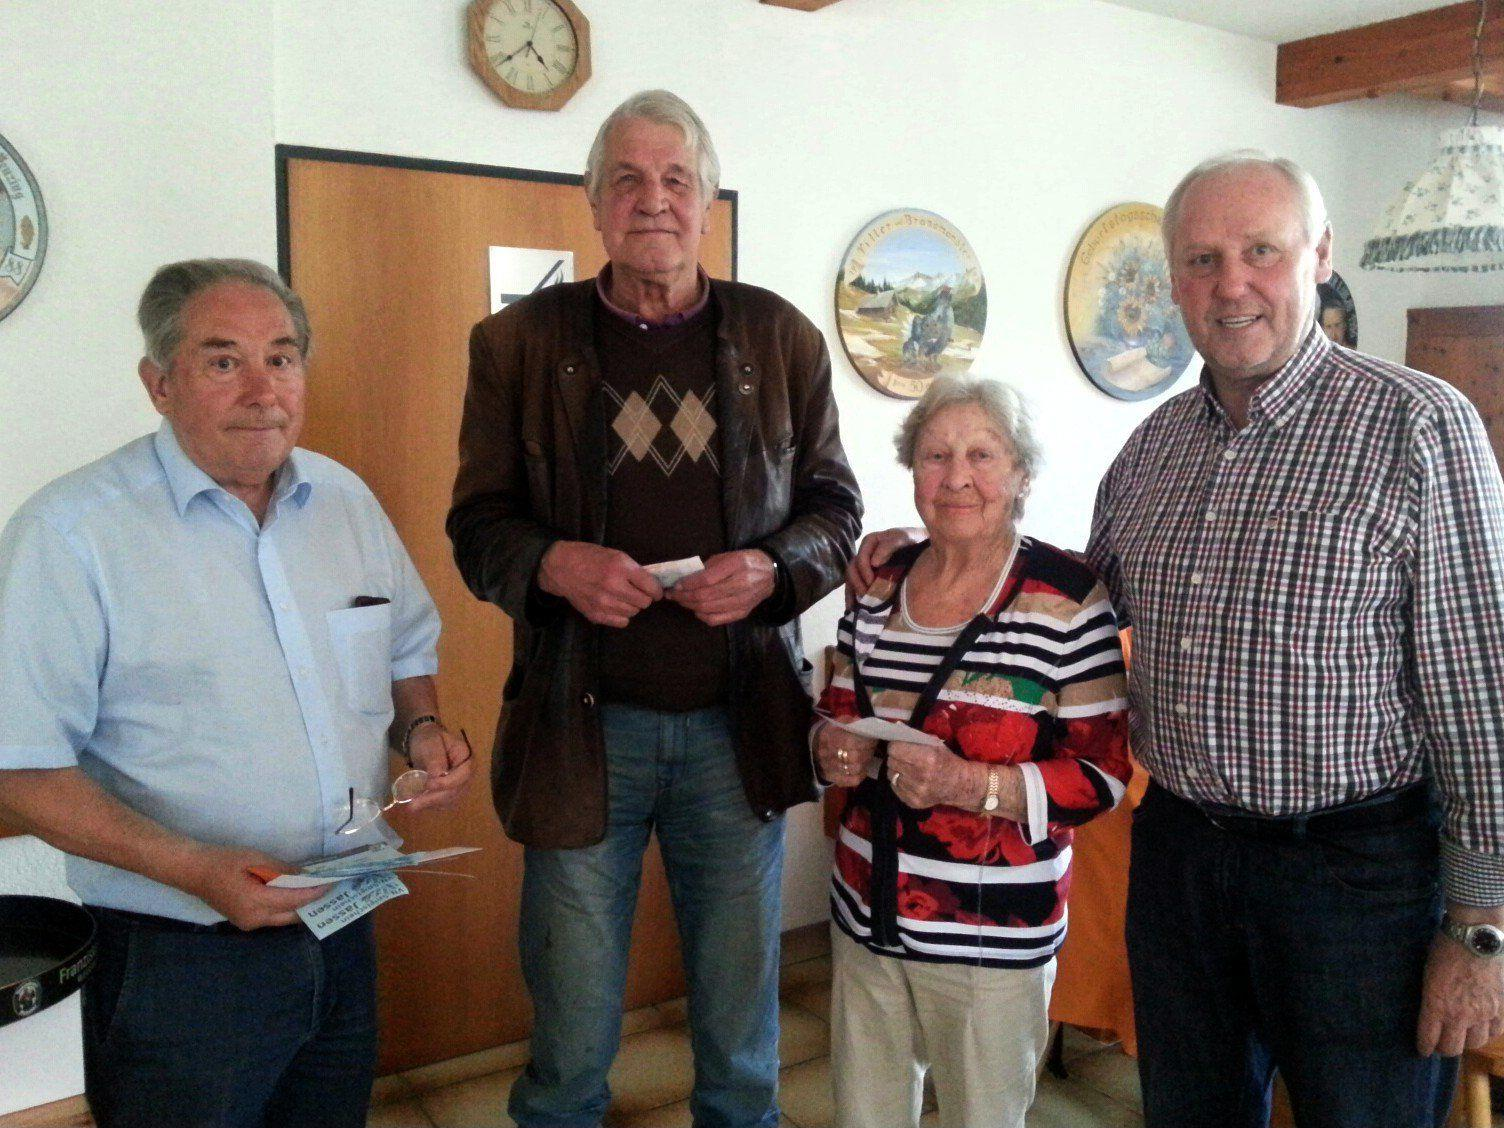 Gewinner des Preisjassen Michael Dremel (2.v.l.) und die Zweitplatzierte Herta Steinlechner (2.v.r.), mit Spielleiter Pepi Suitner (links) und Organisator Walter Gabriel